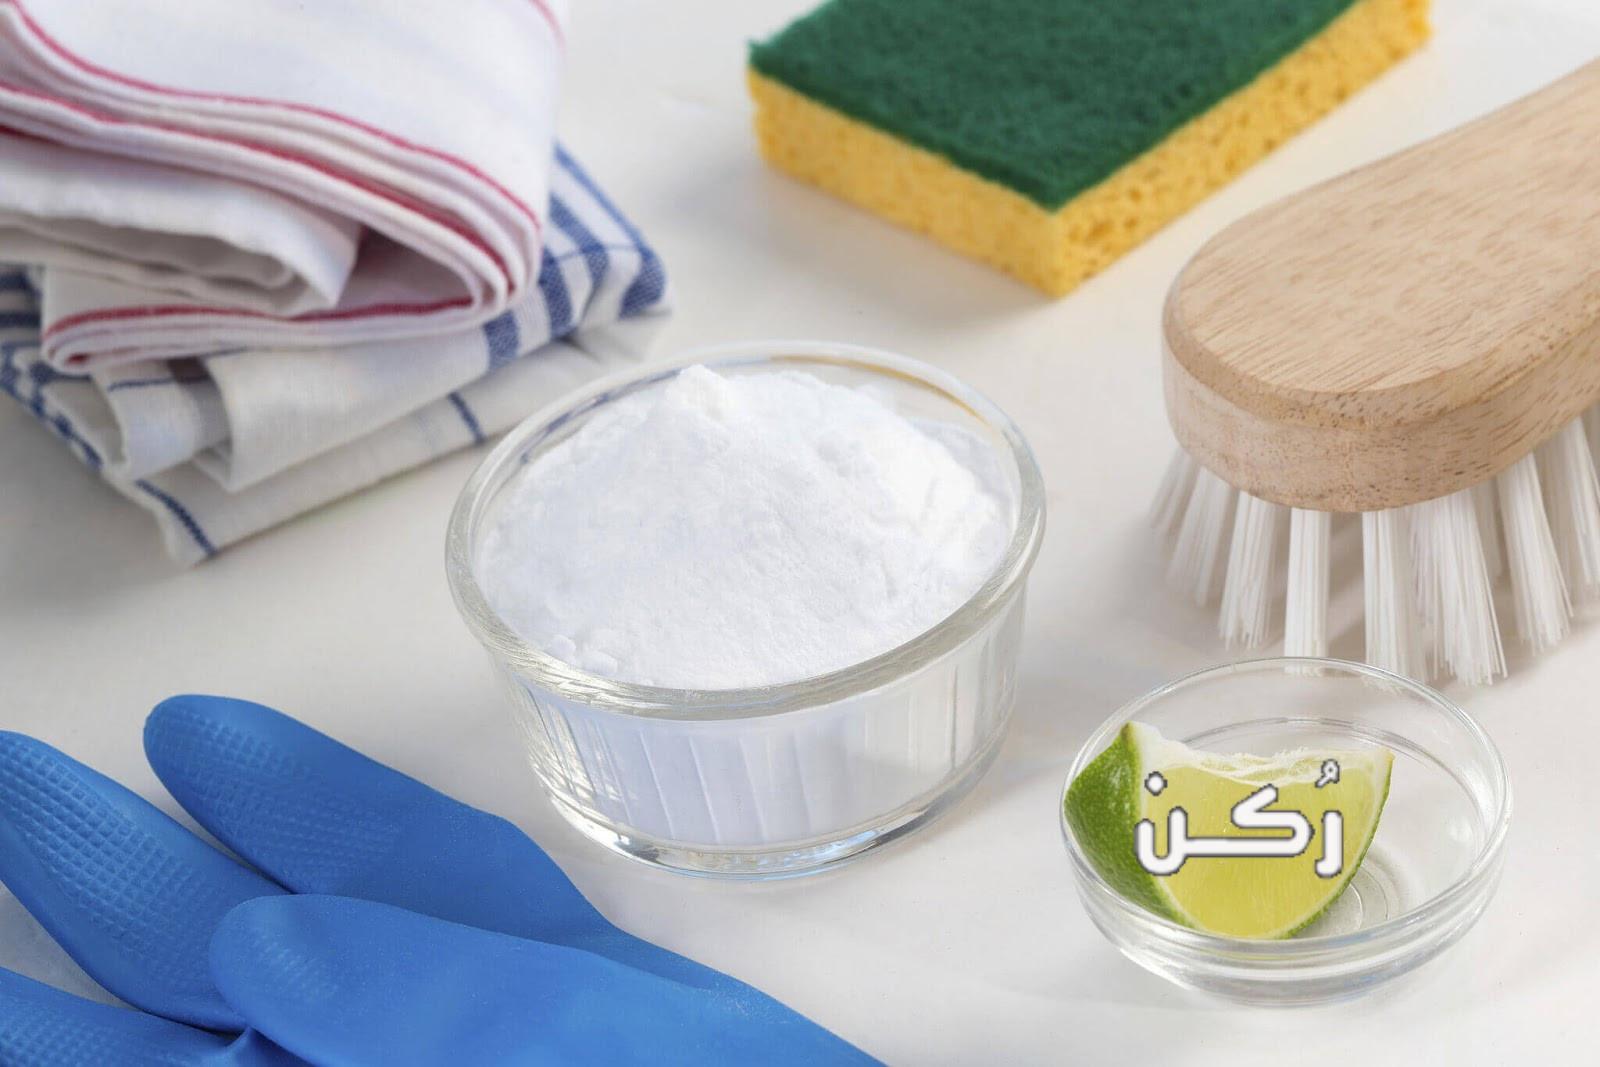 طرق واستخدامات بيكربونات الصوديوم في المنزل